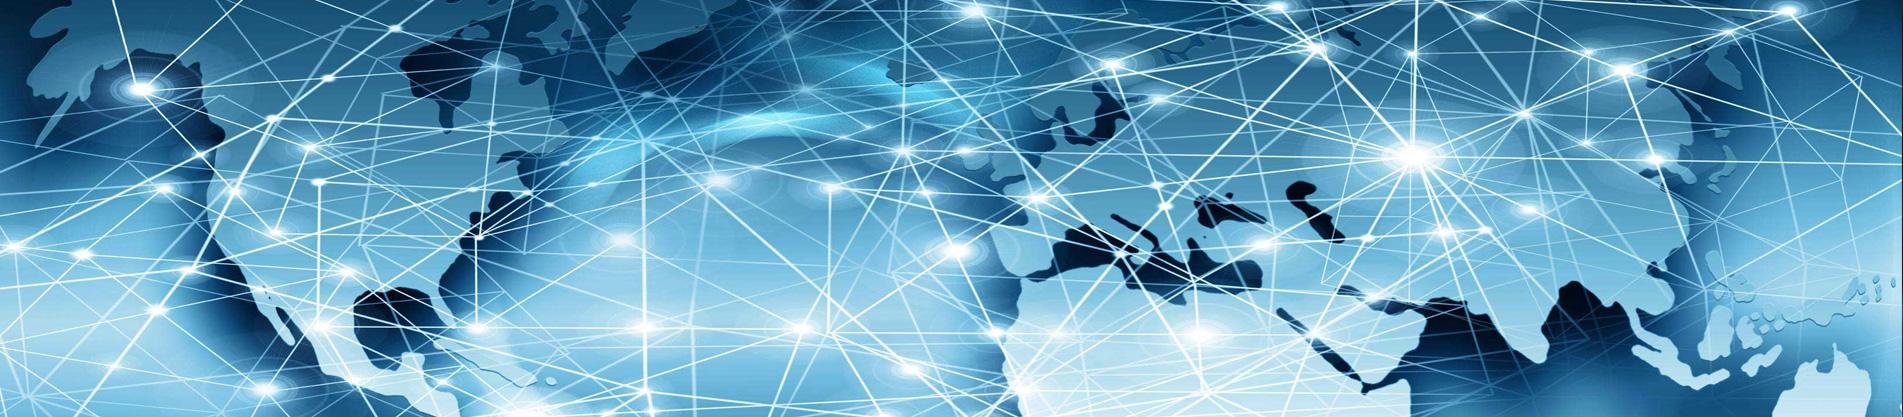 採用ネットワーク